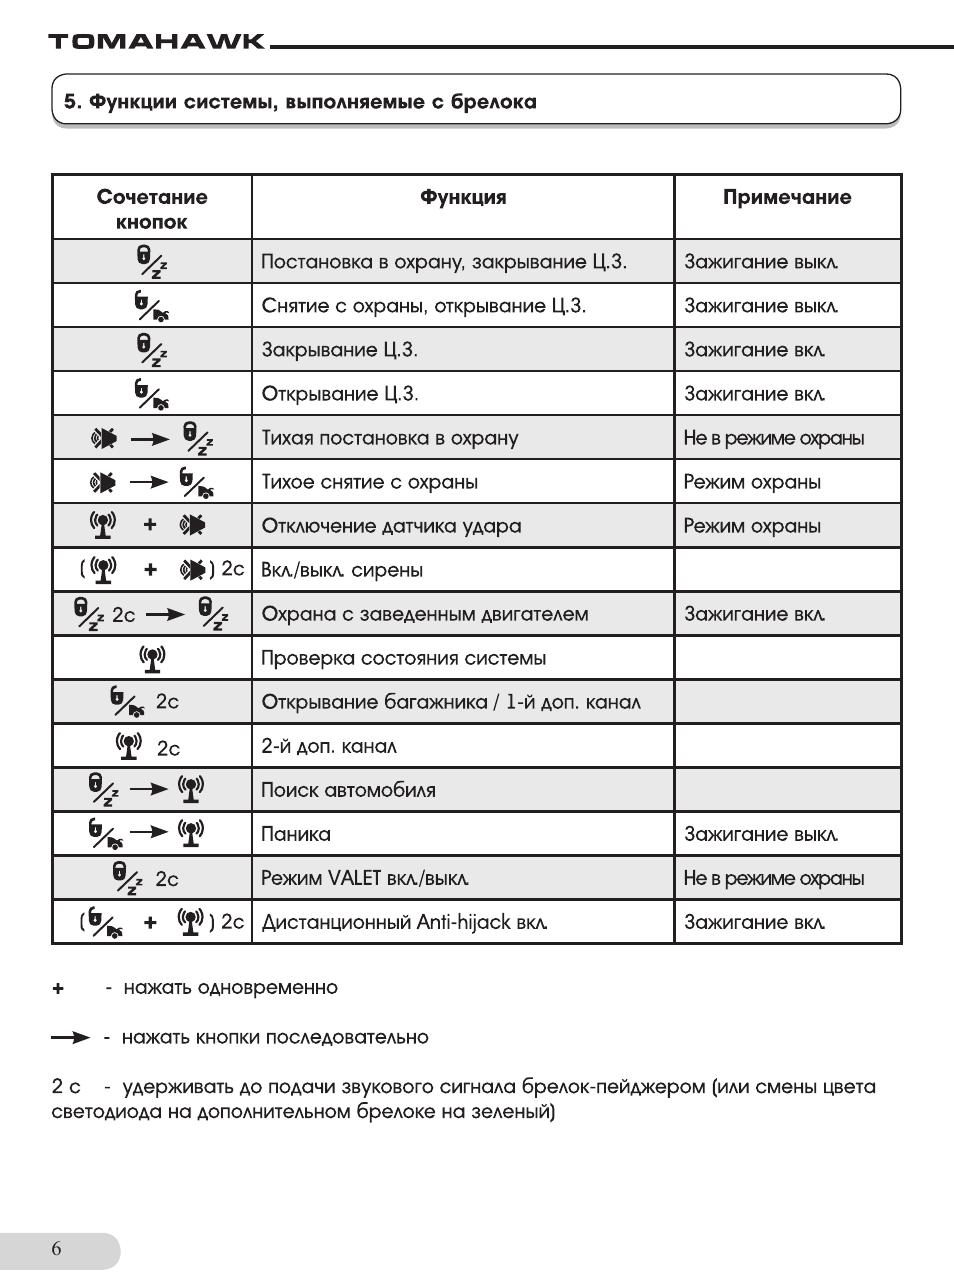 томагавк z1 инструкция по установке